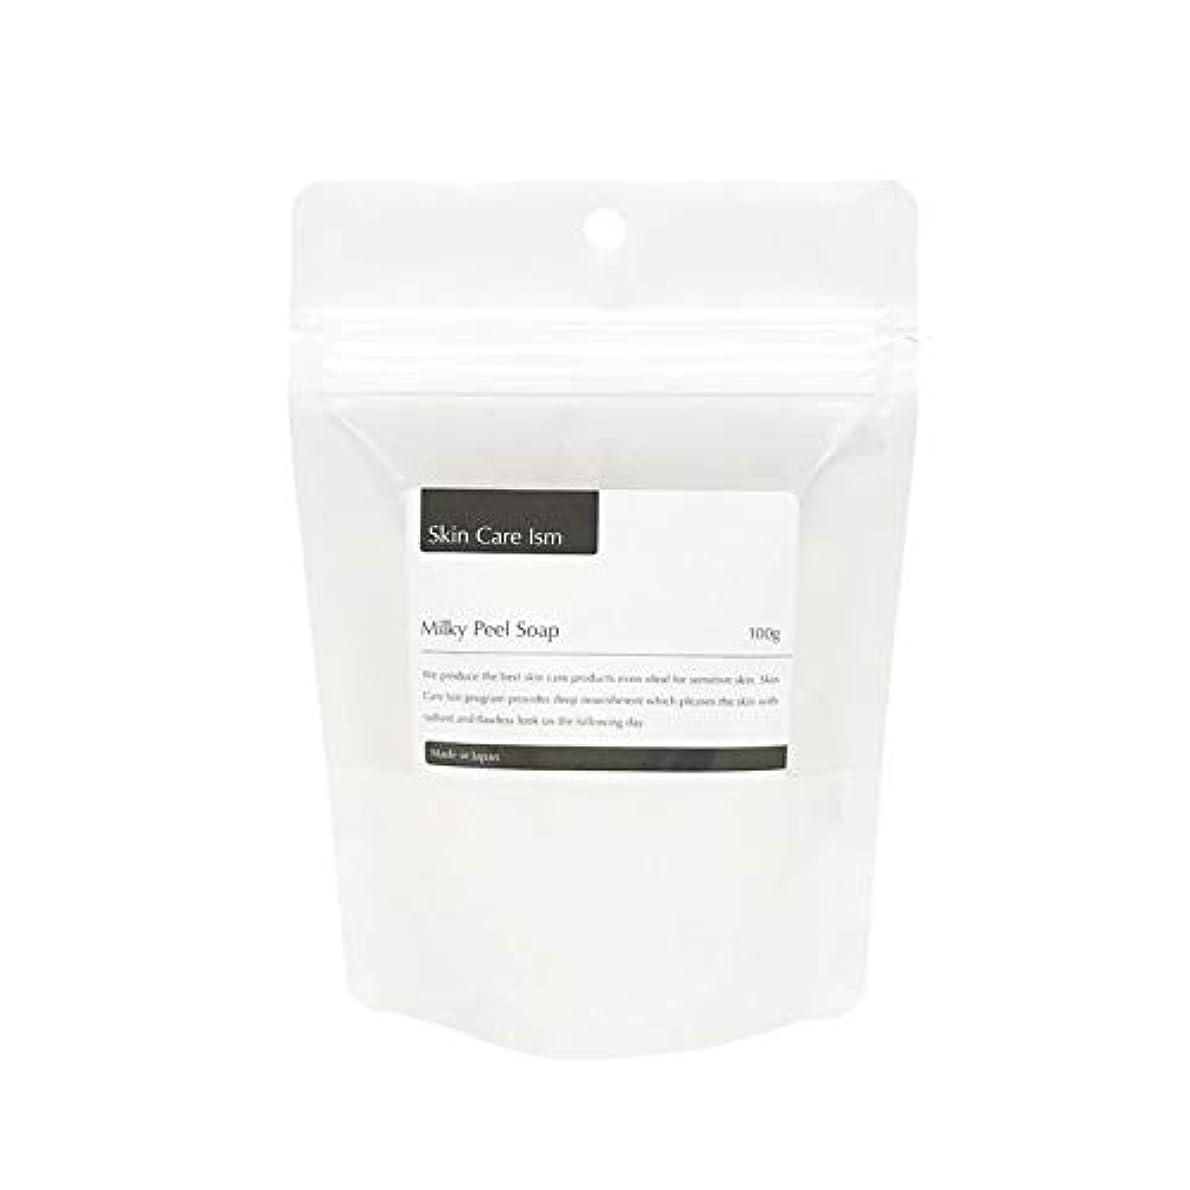 バック小さな週末【Skin Care Ism / Milky Peel Soap】スキンケアイズム?ミルキーピールソープ